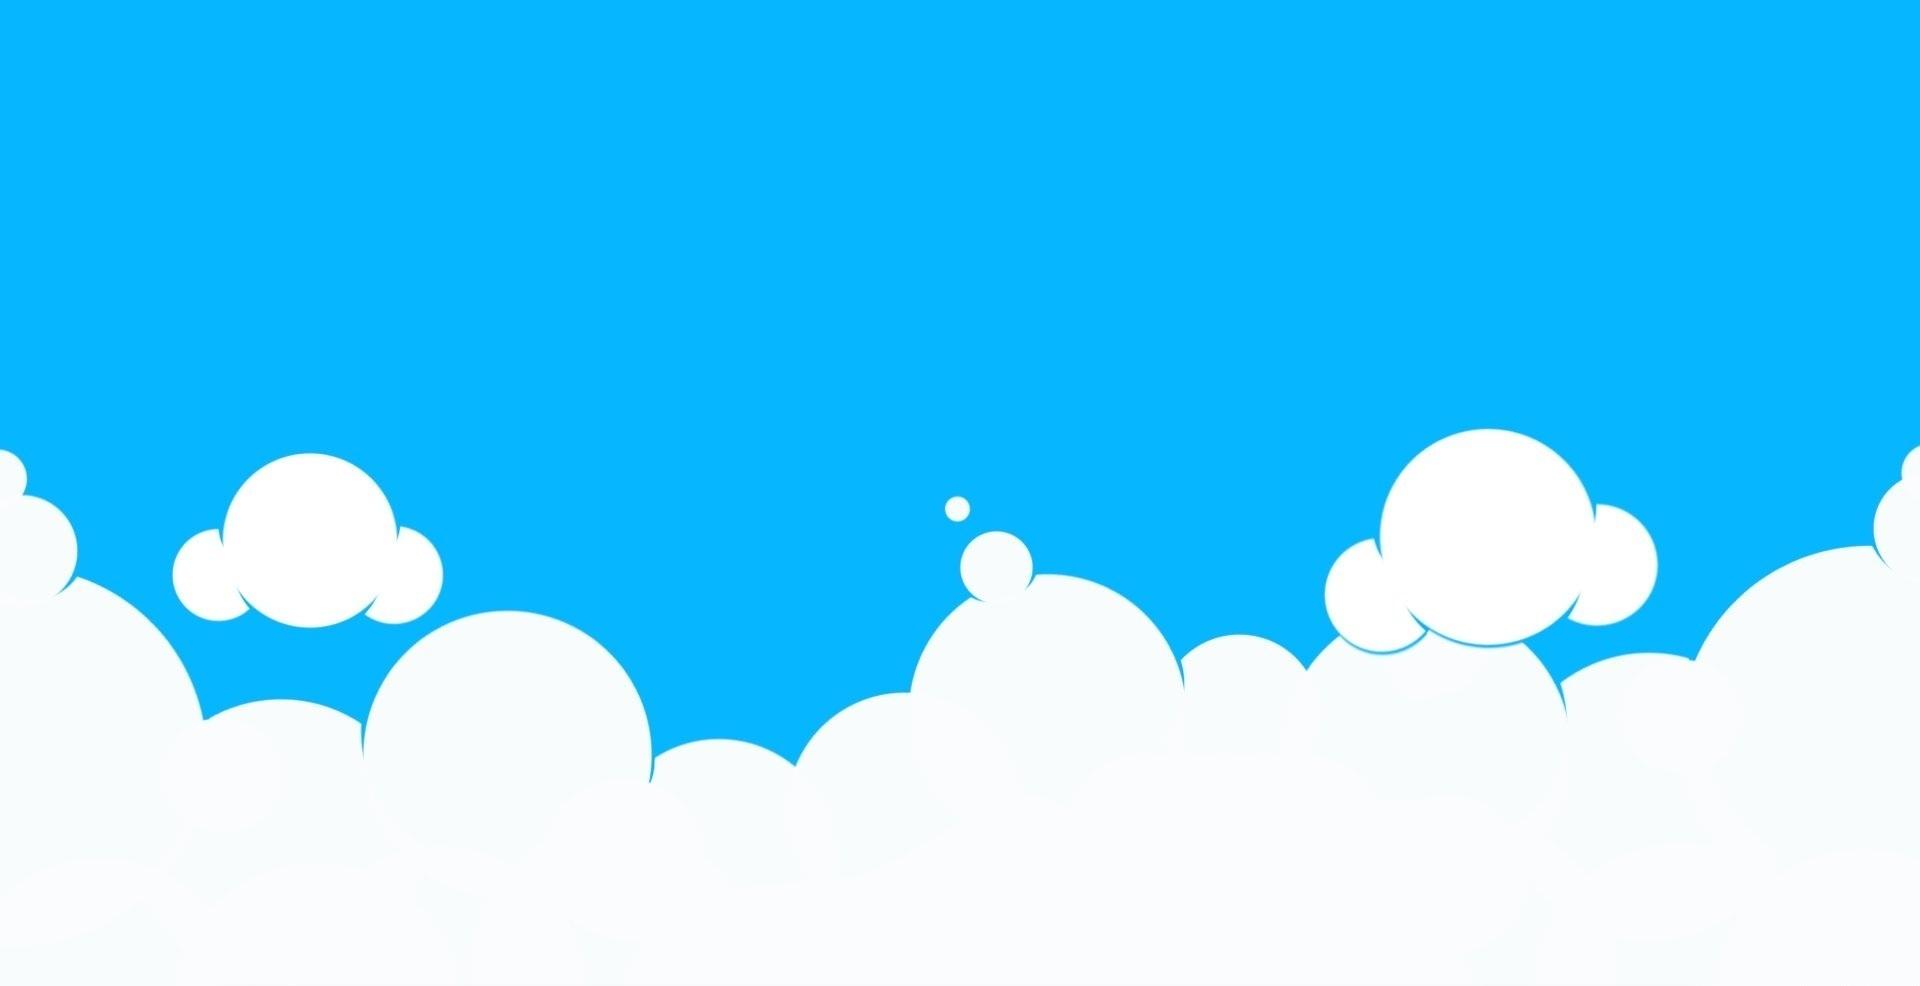 Blue Cloud Background Blue2 Photo 19029417 Fanpop